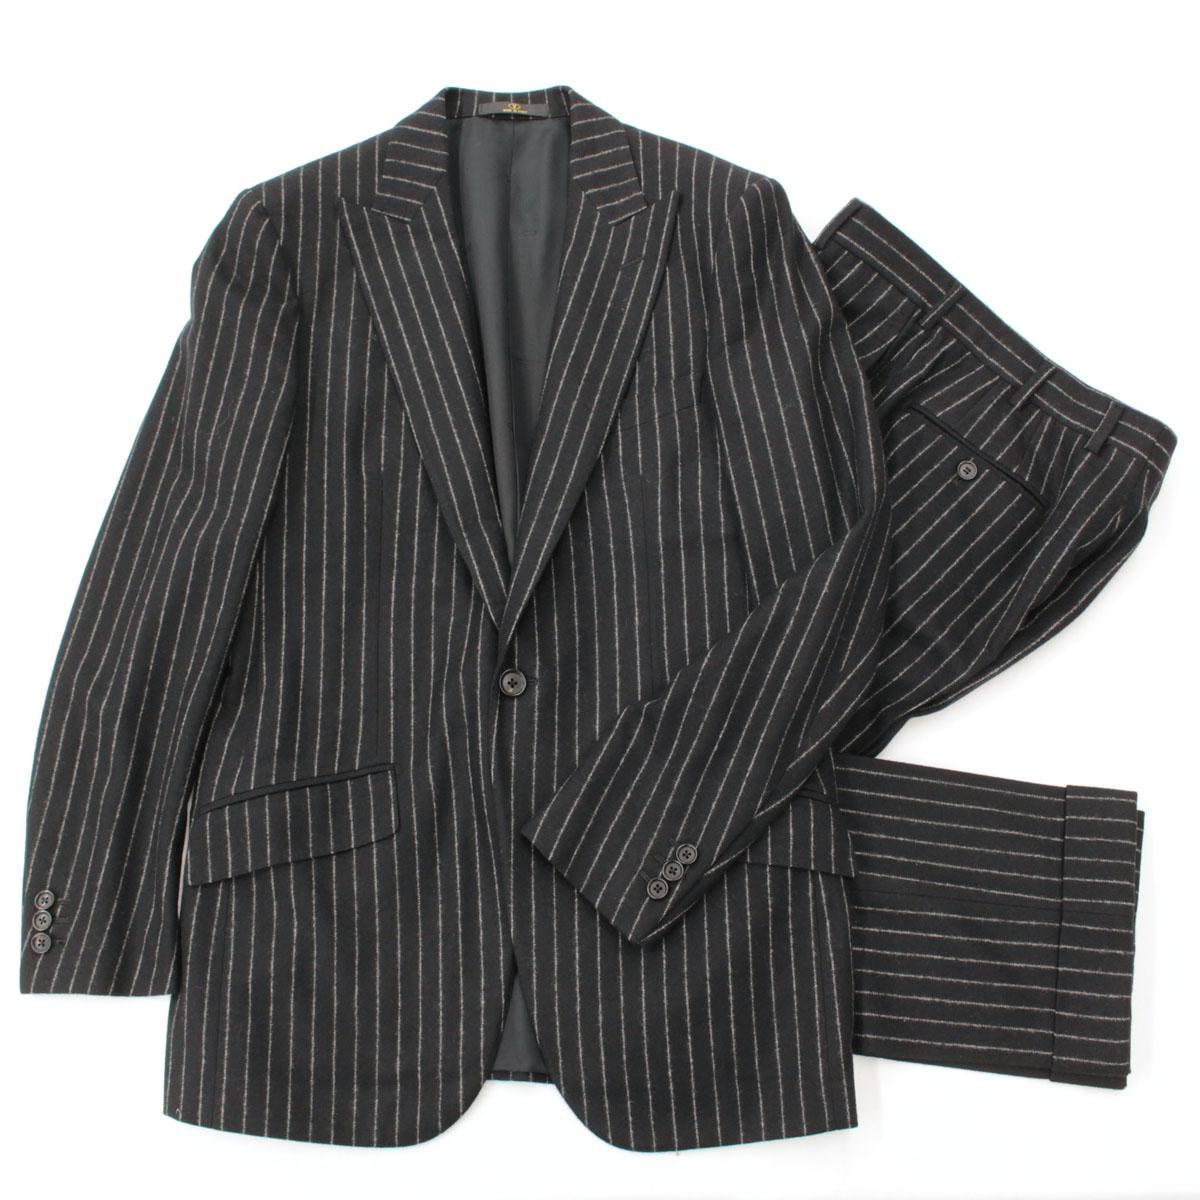 【中古】◆VALENTINO バレンチノ 1Bシングルスーツ サイズ48/8R◆ black /黒/ブラック/ストライプ/サイドベンツ/開き見せ/メンズ/セットアップ